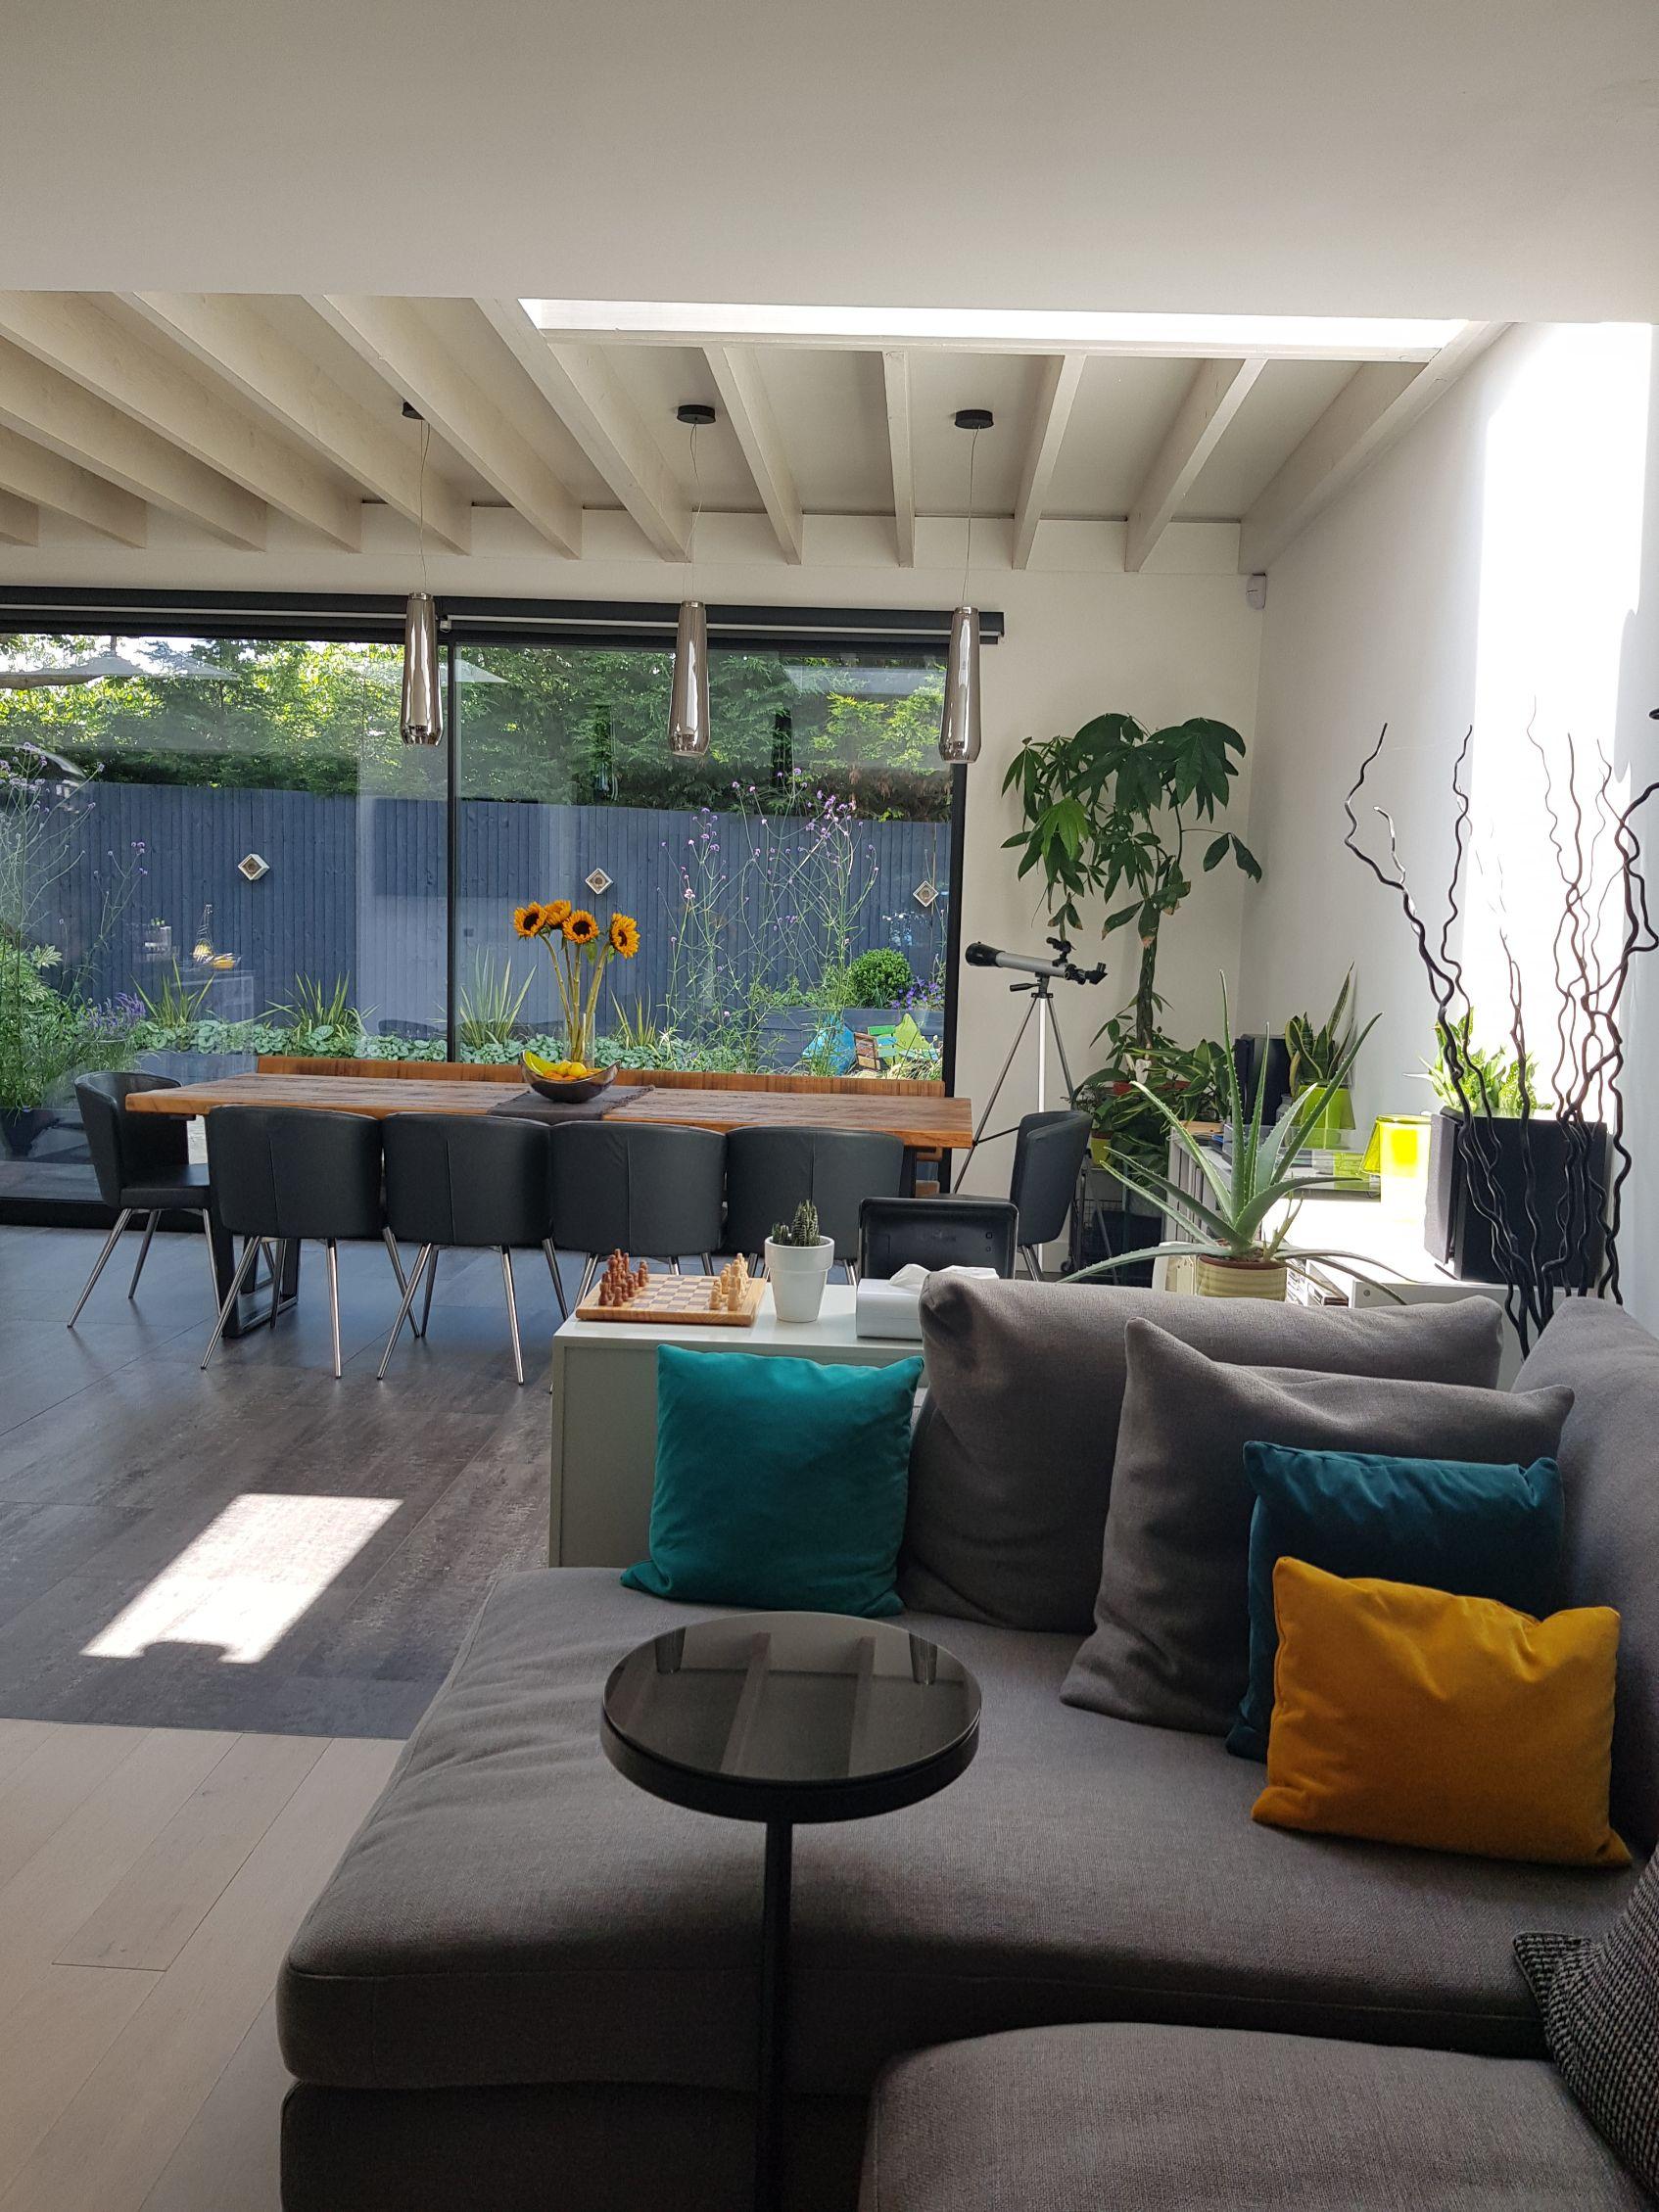 Interior & exterior design combine